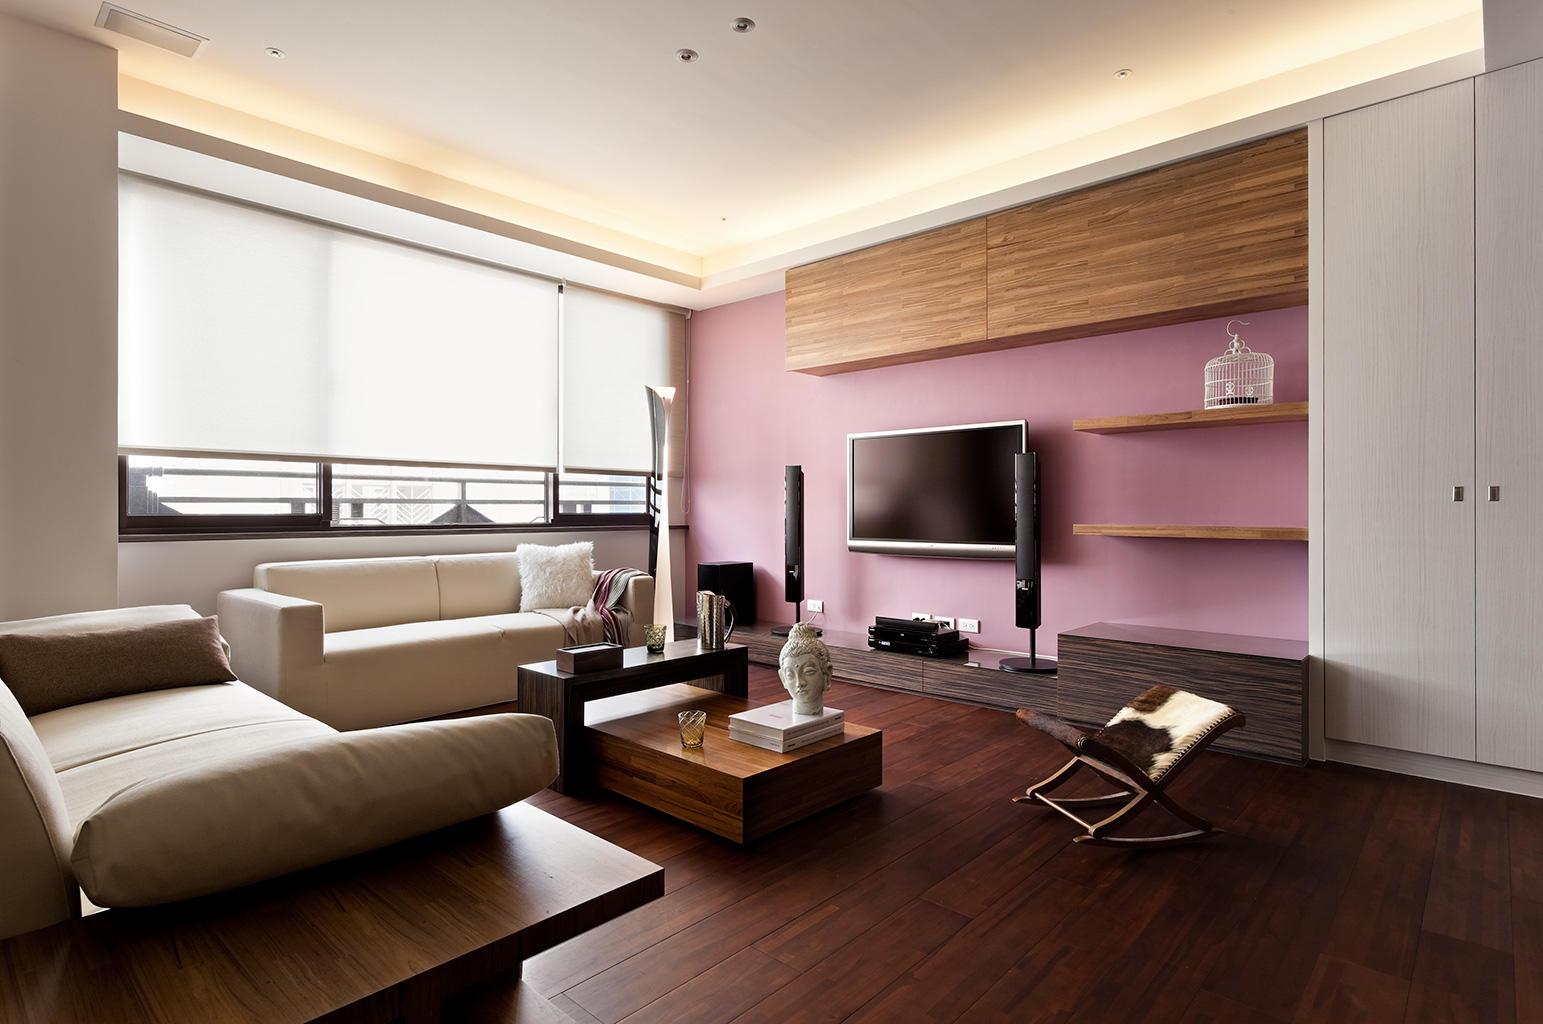 简约现代装修风格二居客厅设计效果欣赏图